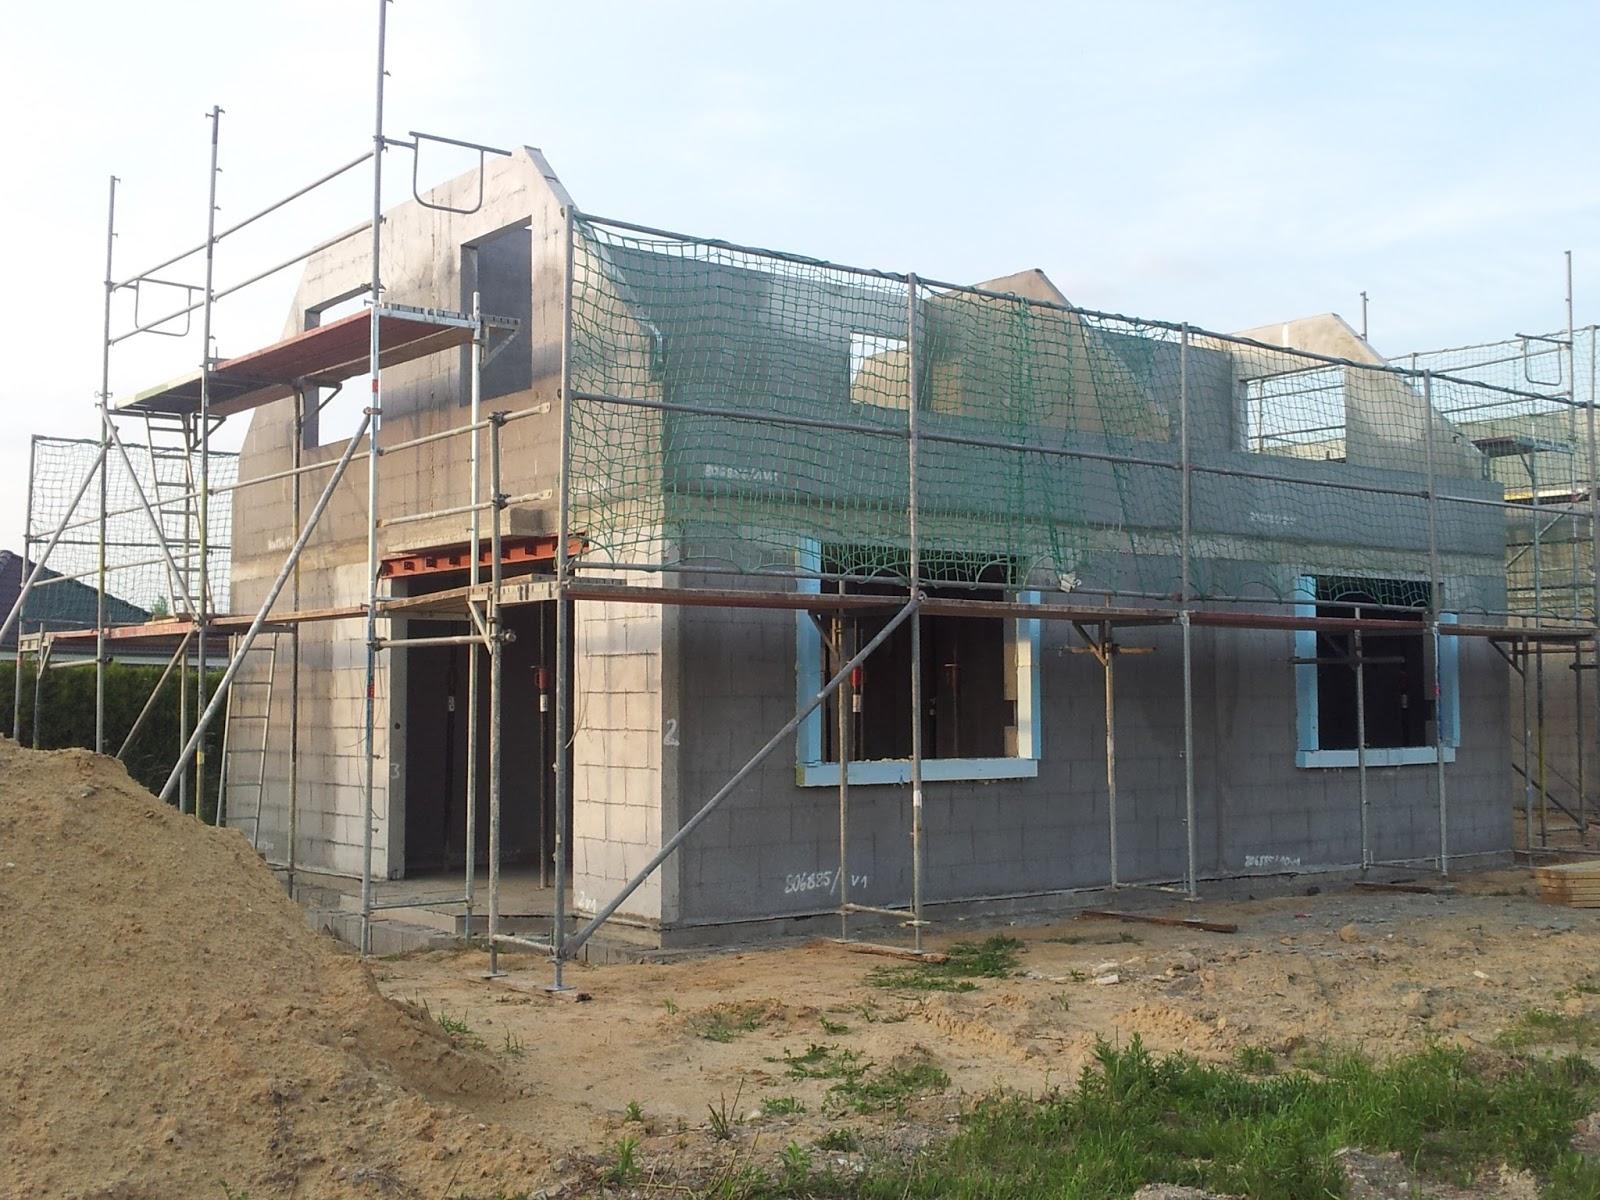 Bautagebuch - Unser Hausbau mit City-Haus: Juni 2013